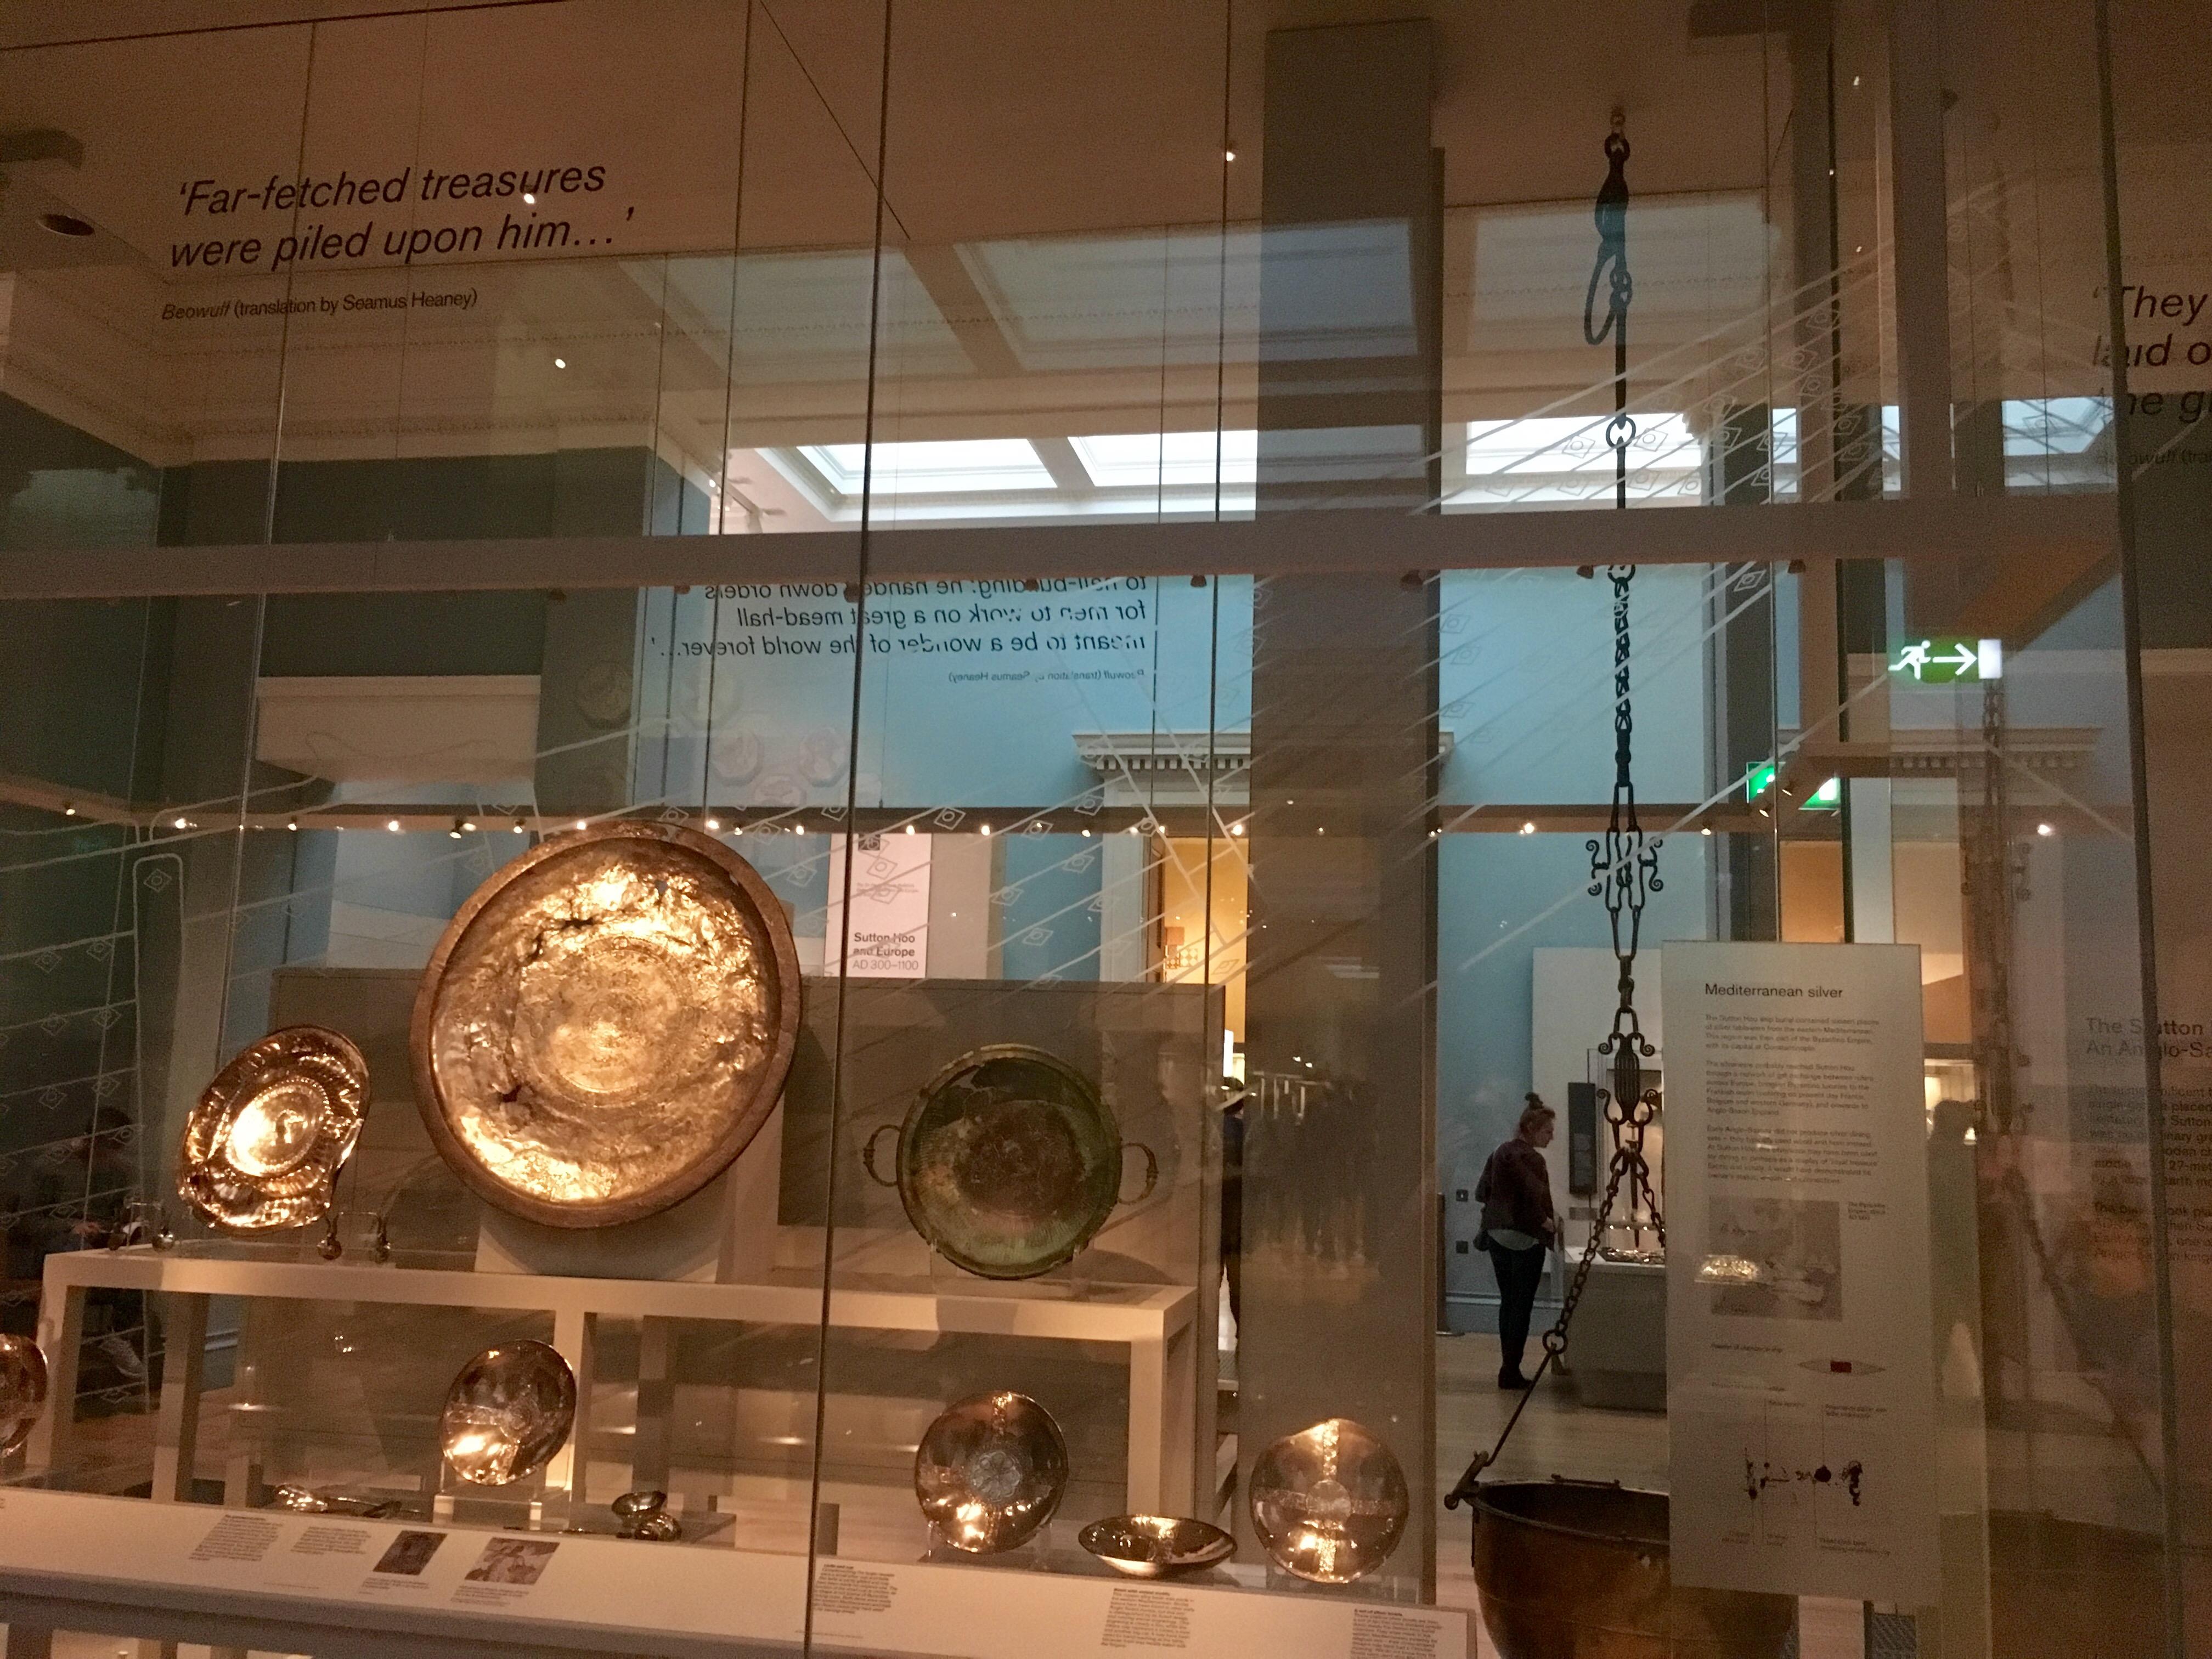 Sutton Hoo display case